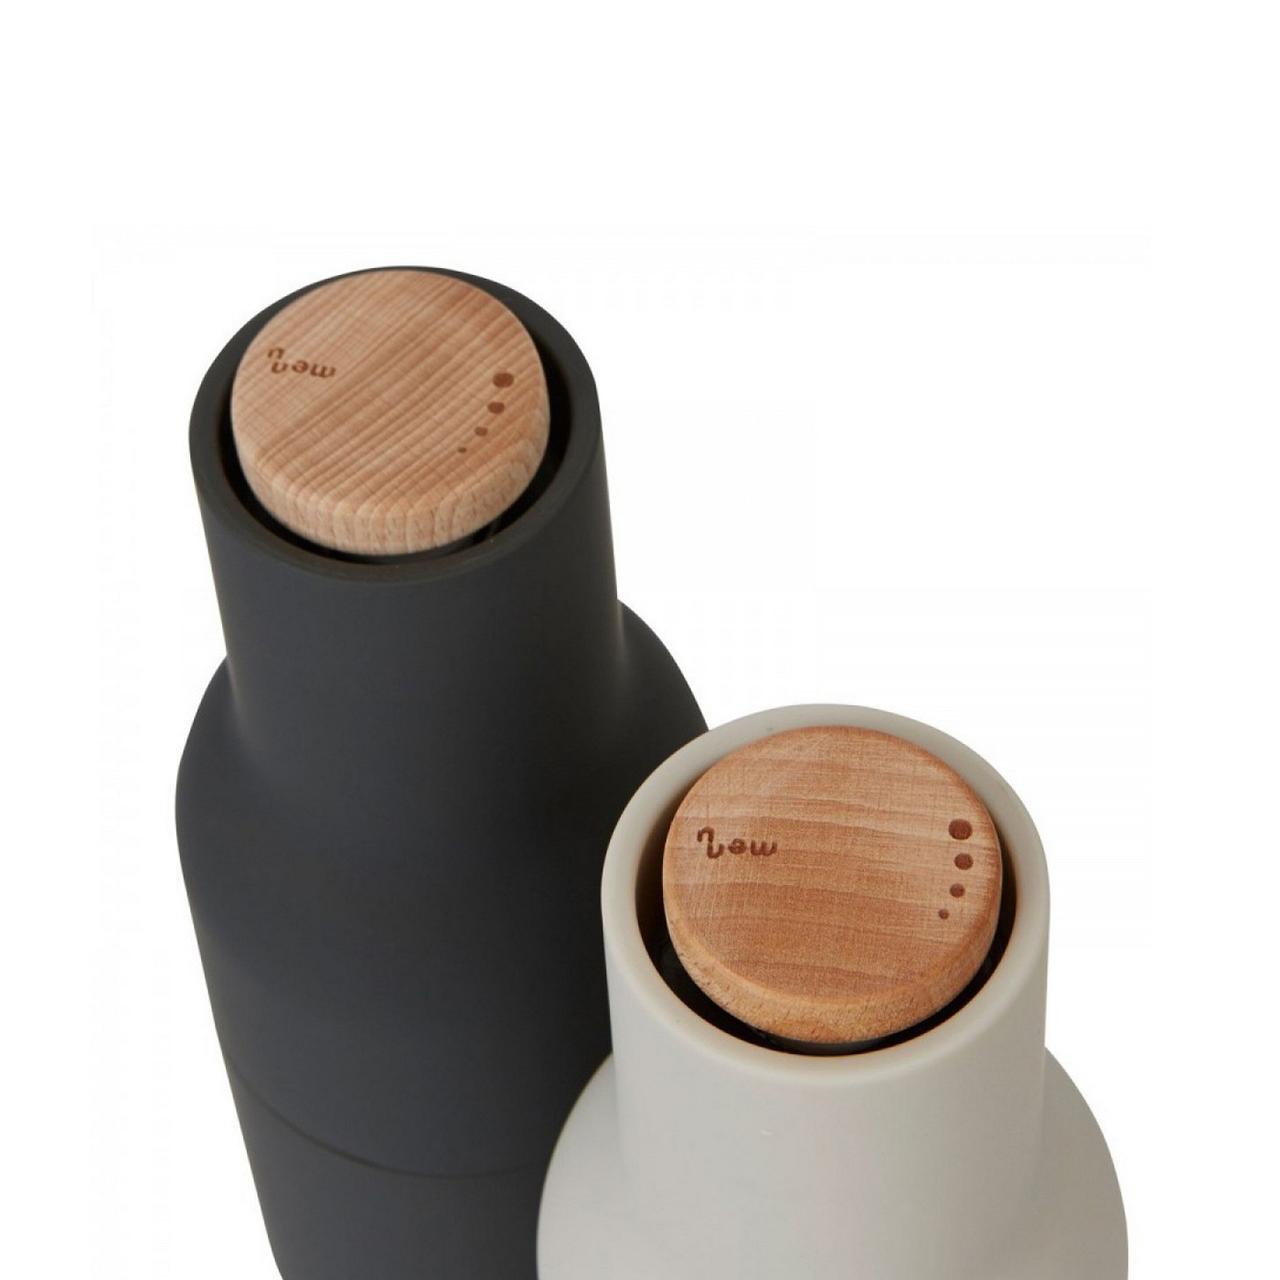 Menu Norm salt & pepper bottle grinder set in carbon / ash | The Design Gift Shop